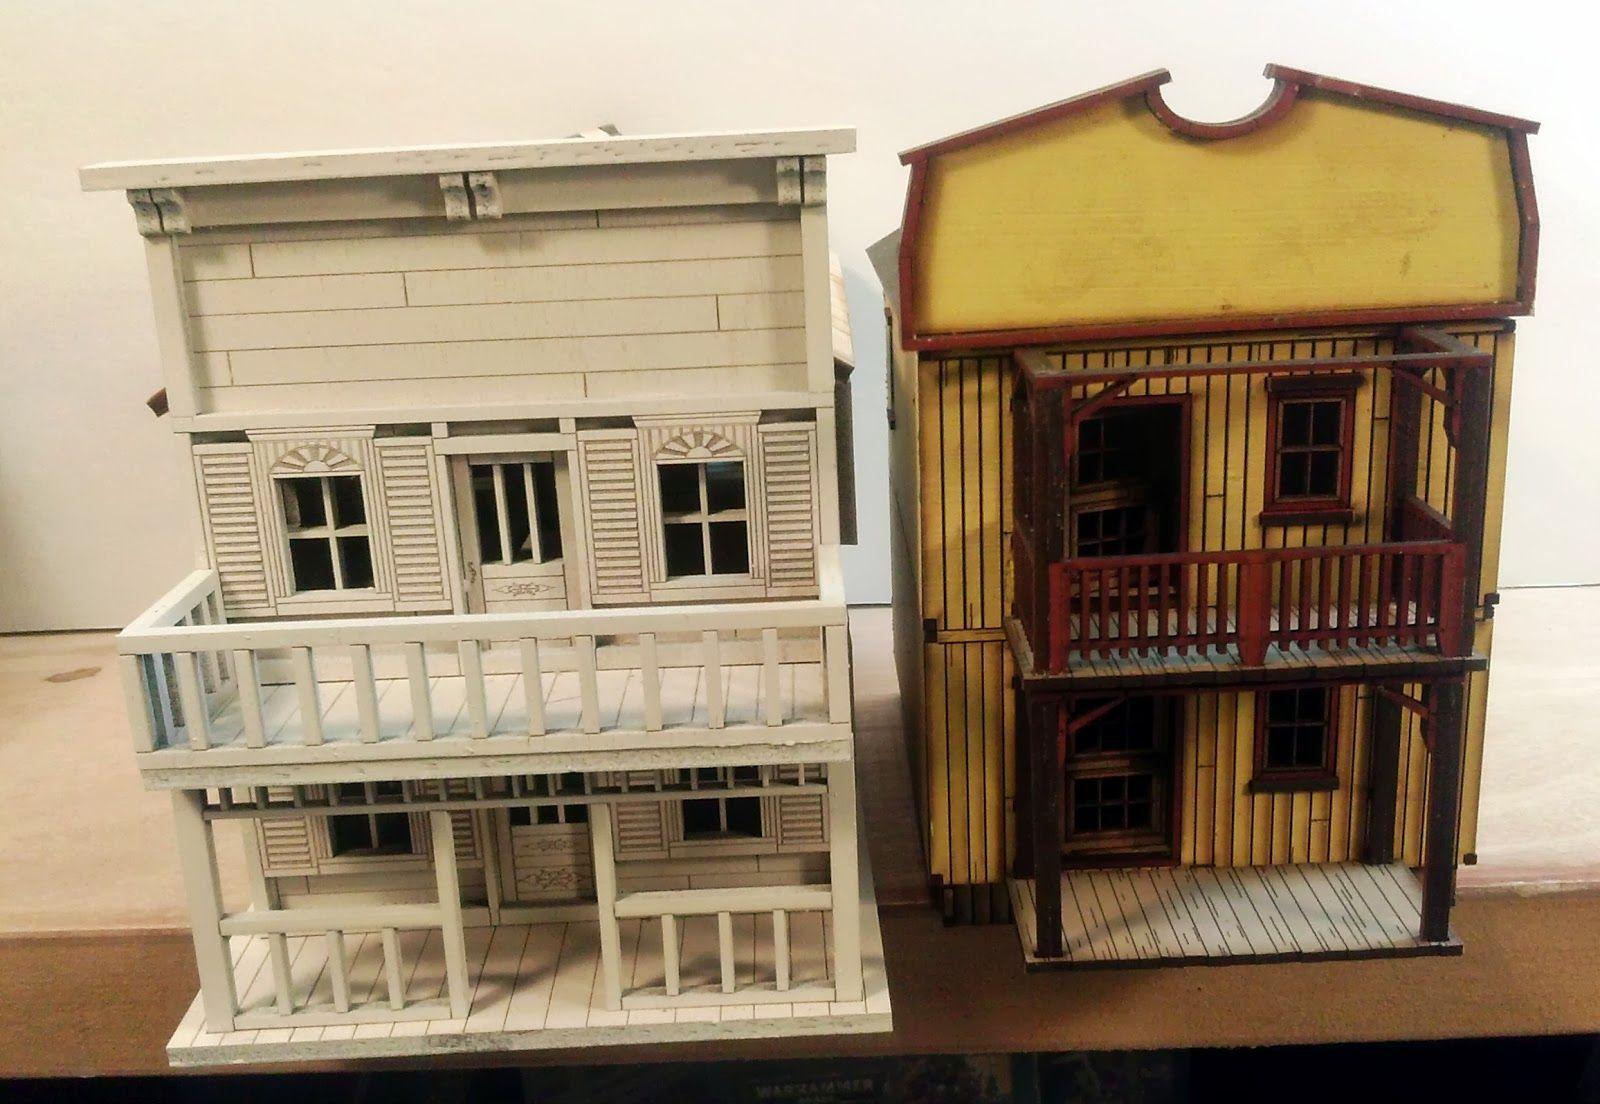 28mm Laser Cut Western Buildings Side by Side Comparison